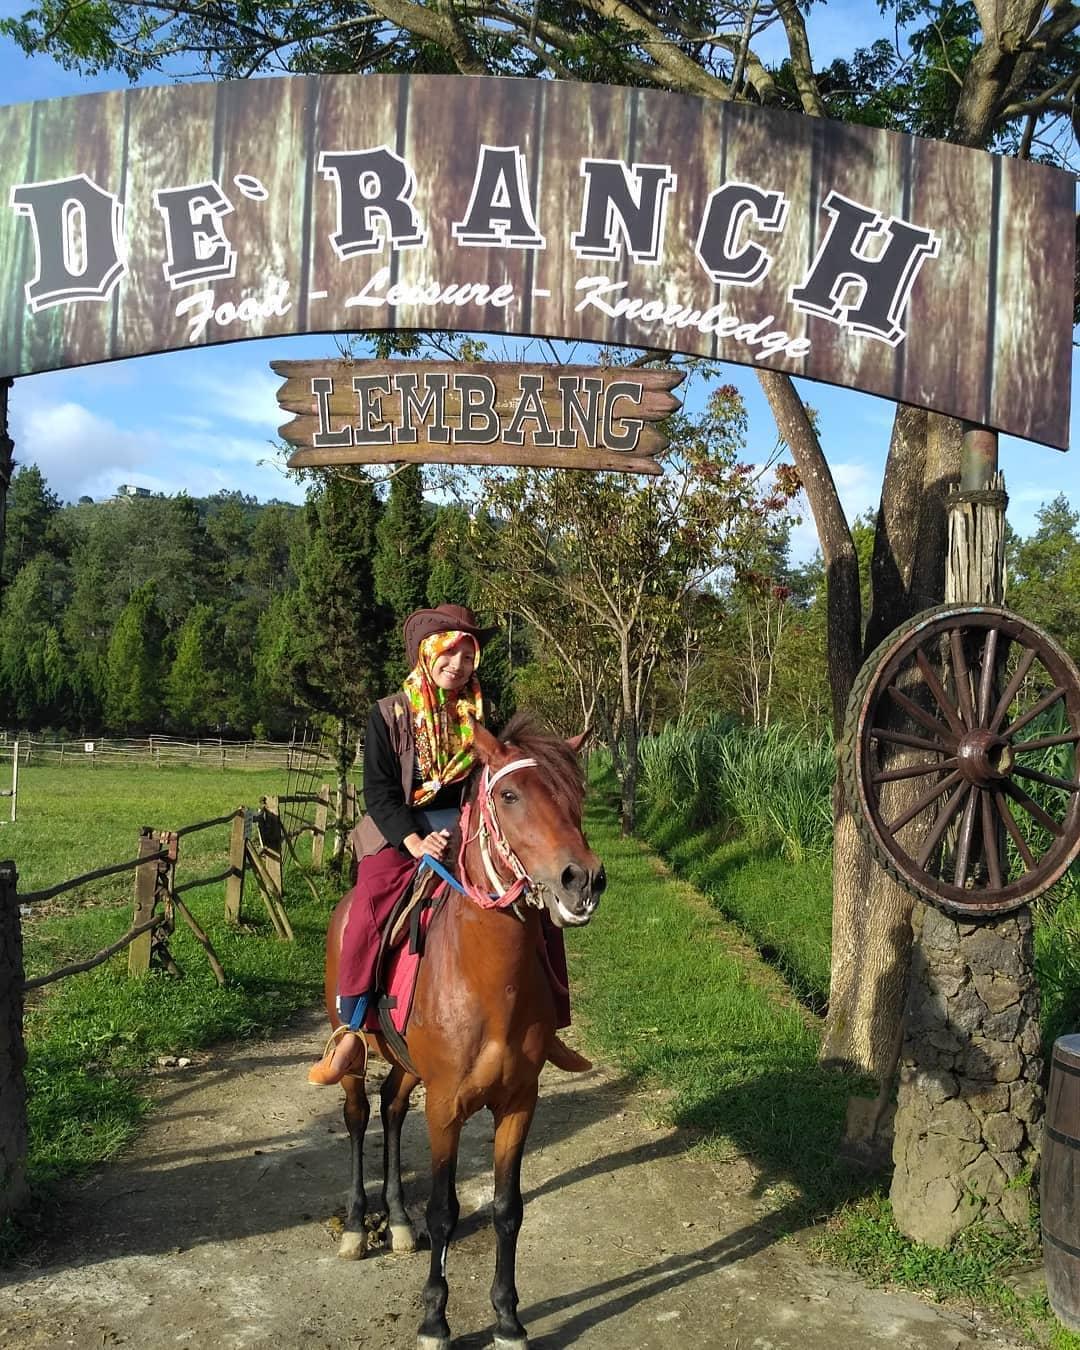 De'Ranch Lembang Taman Bermain Bertema Peternakan Ala Cowboy 5